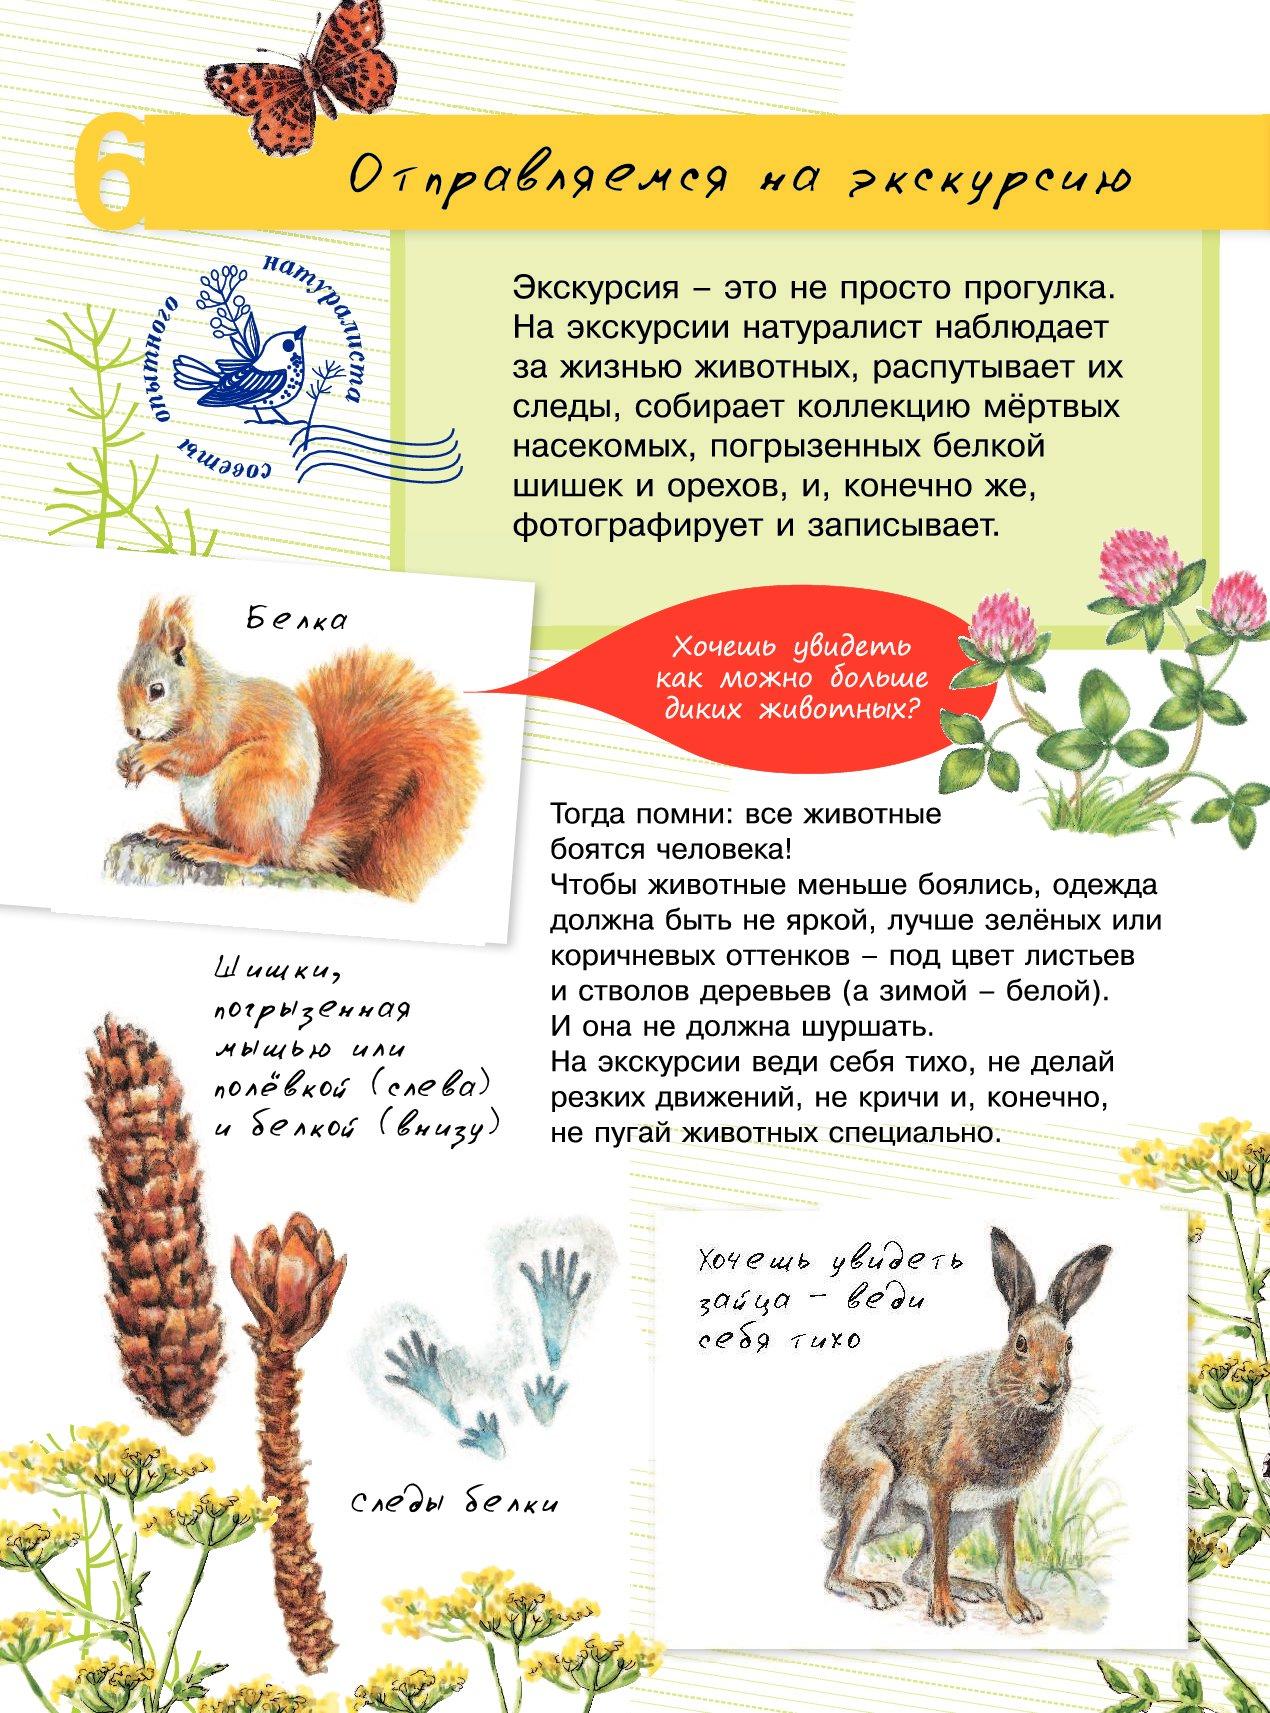 Изображение юного натуралиста